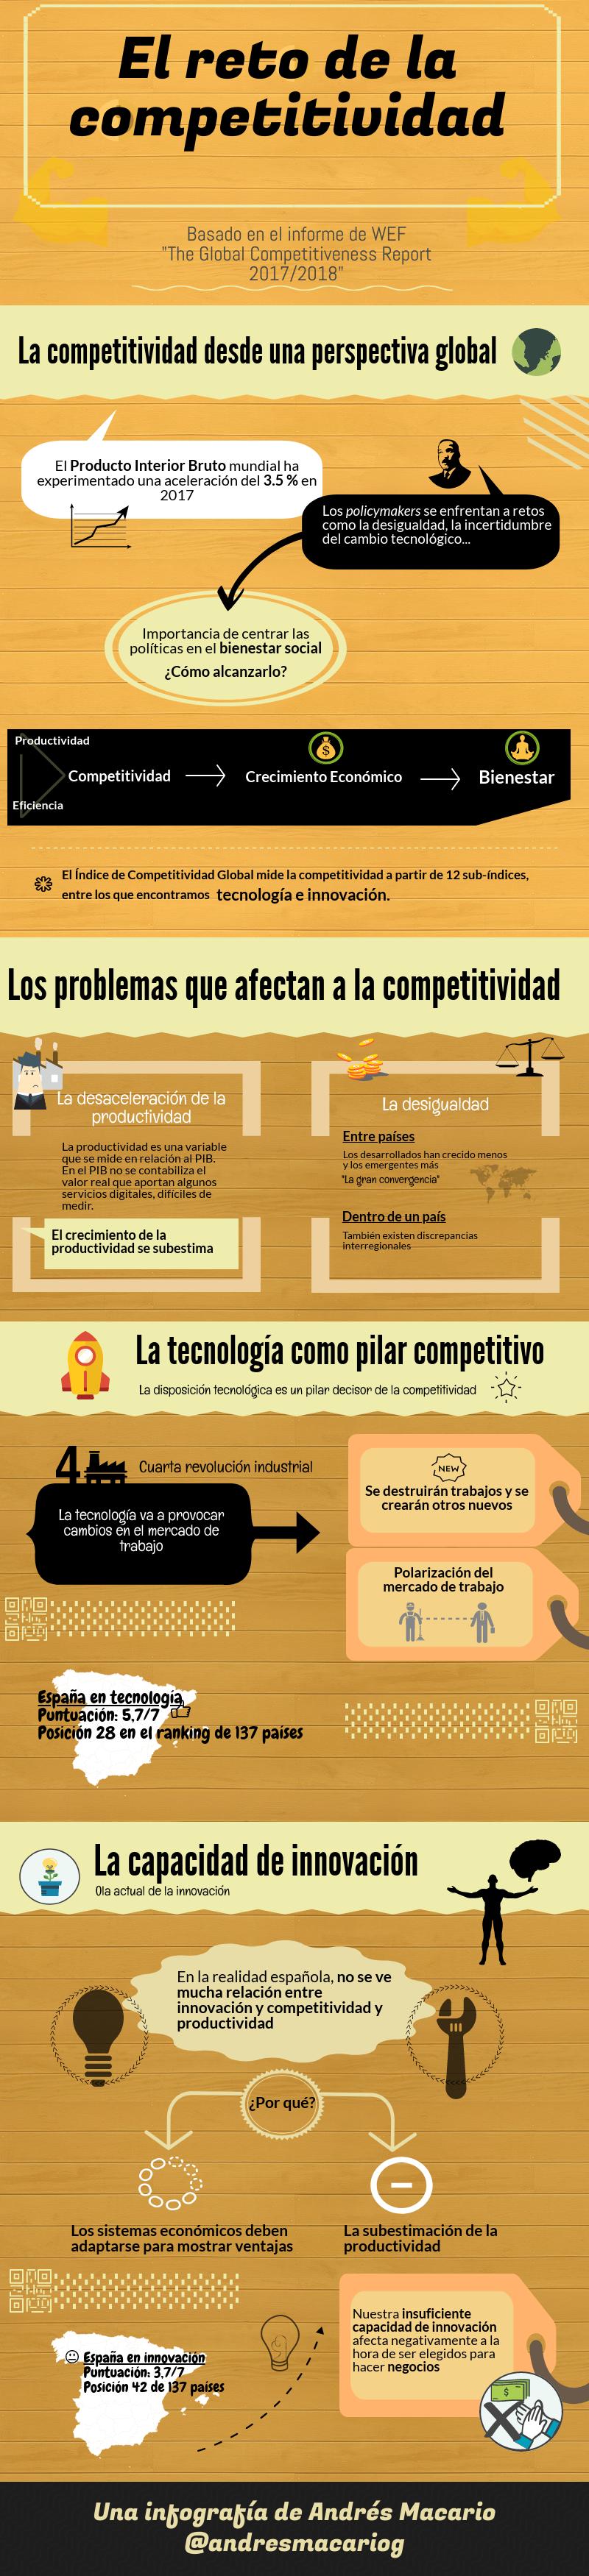 El reto de la competitividad en España - infografía de Andrés Macario